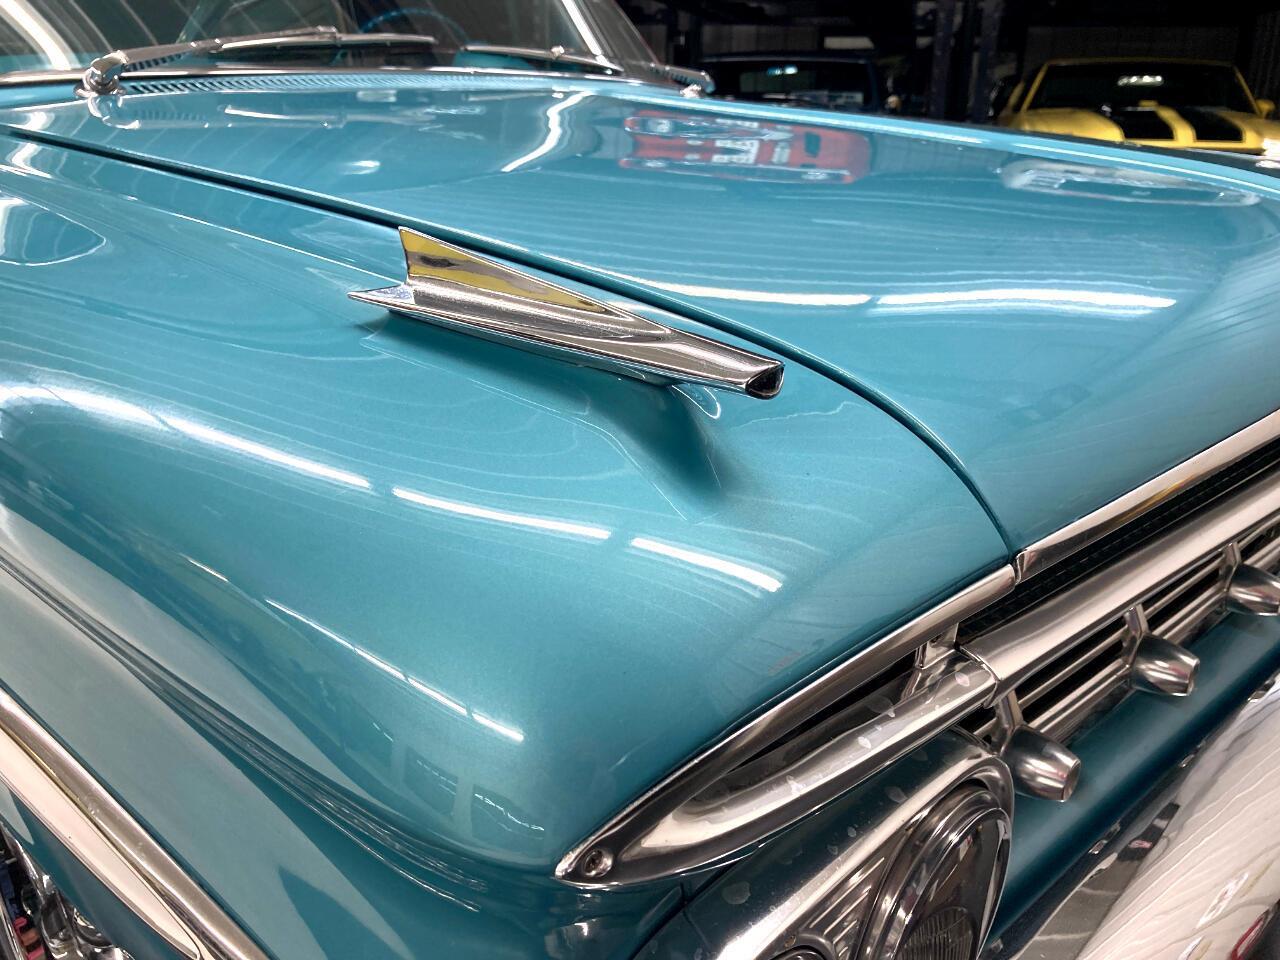 1959 Chevrolet Impala (CC-1416121) for sale in North Canton, Ohio